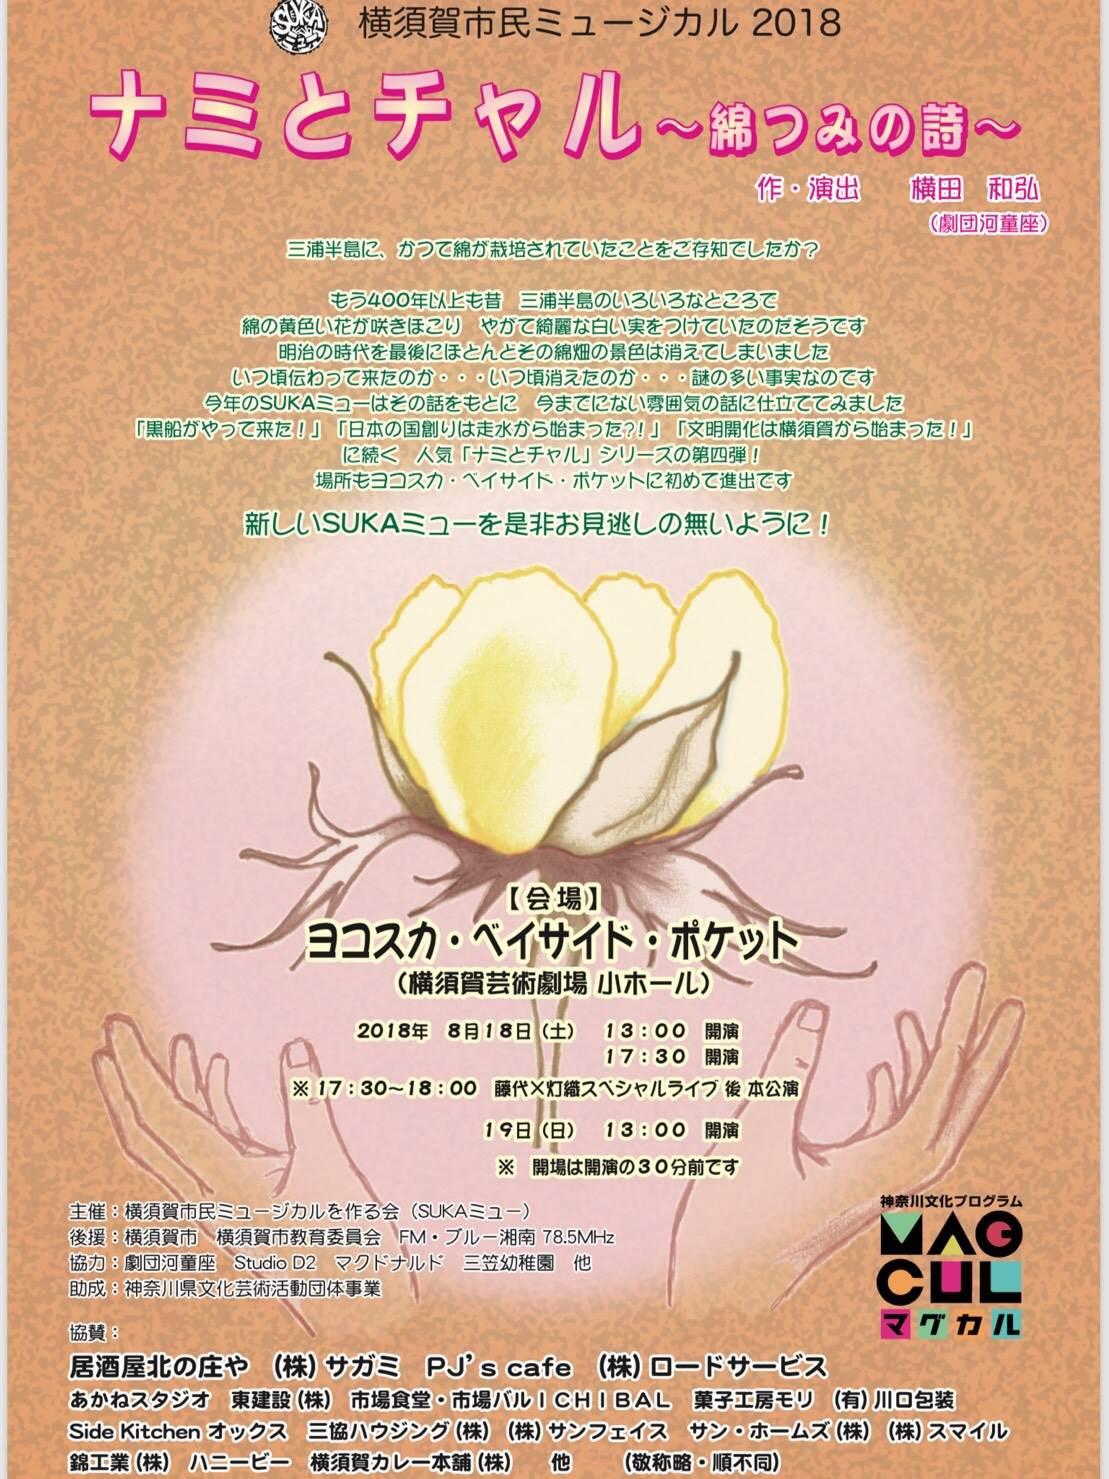 【犬吠埼にゃん出演】横須賀市民ミュージカル 2018「ナミとチャル ~綿つみの詩~」情報